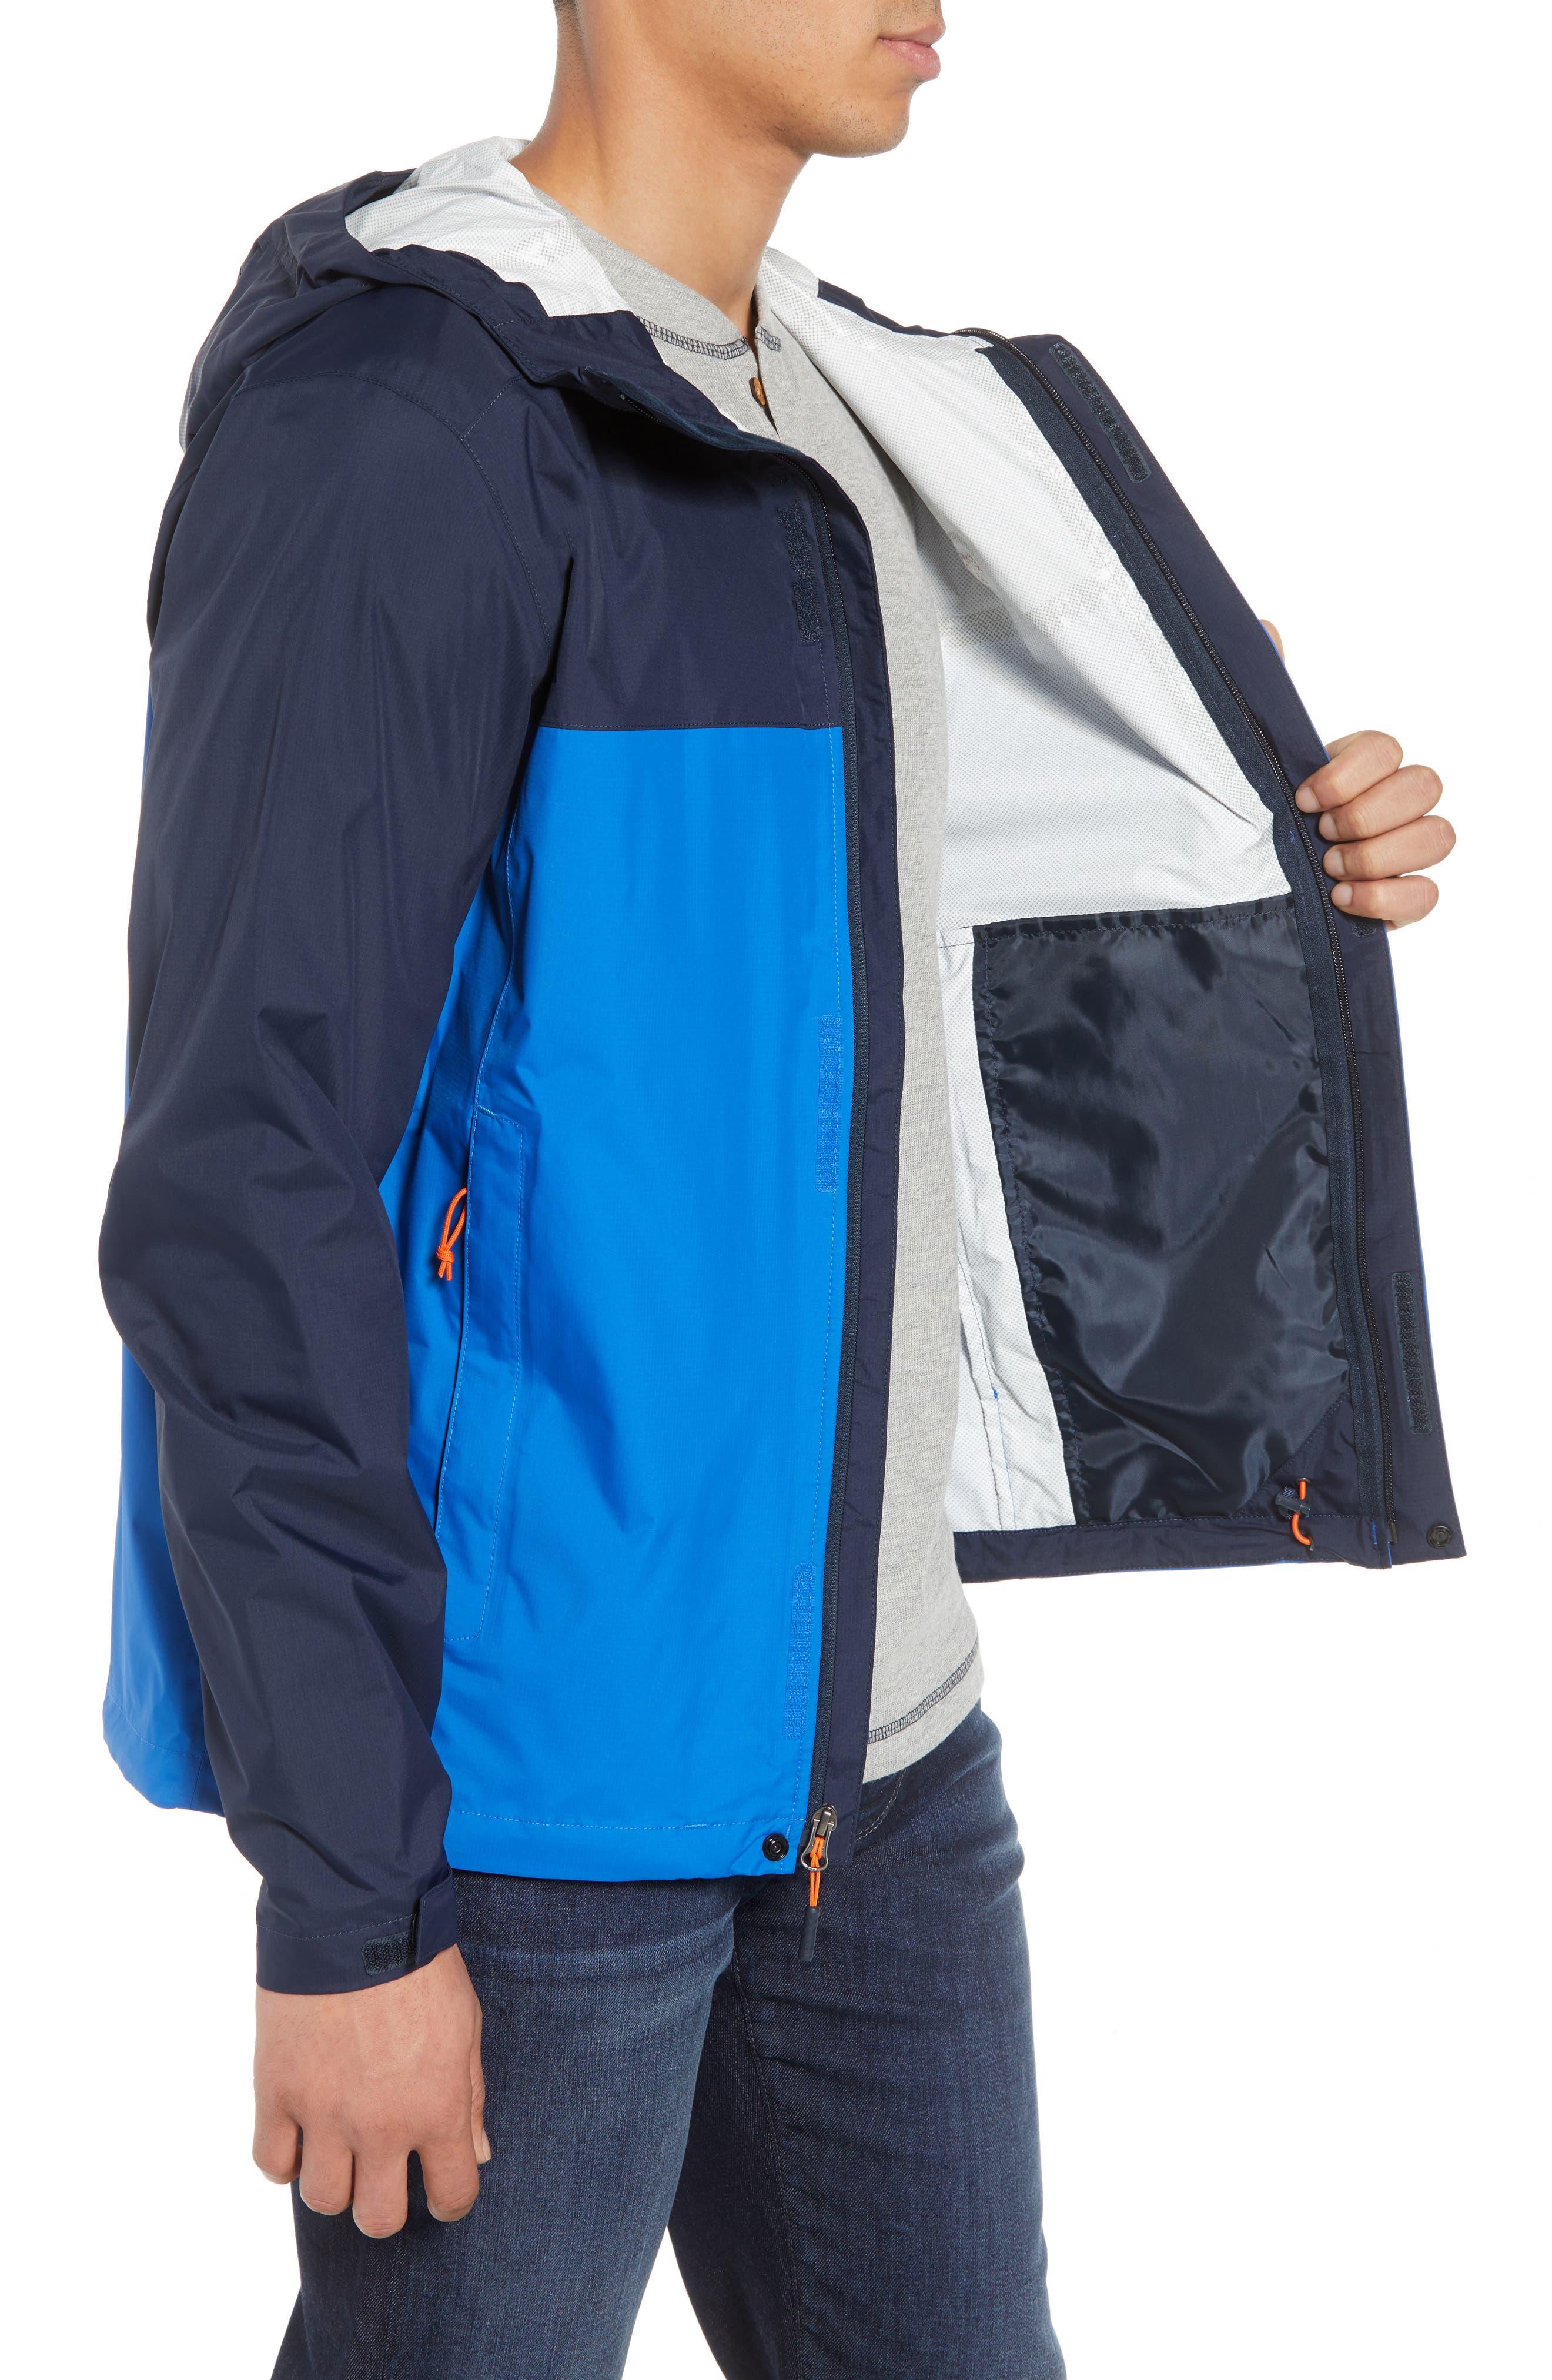 Venture II Raincoat,                             Alternate thumbnail 3, color,                             TURKISH SEA/ NAVY/ ORANGE